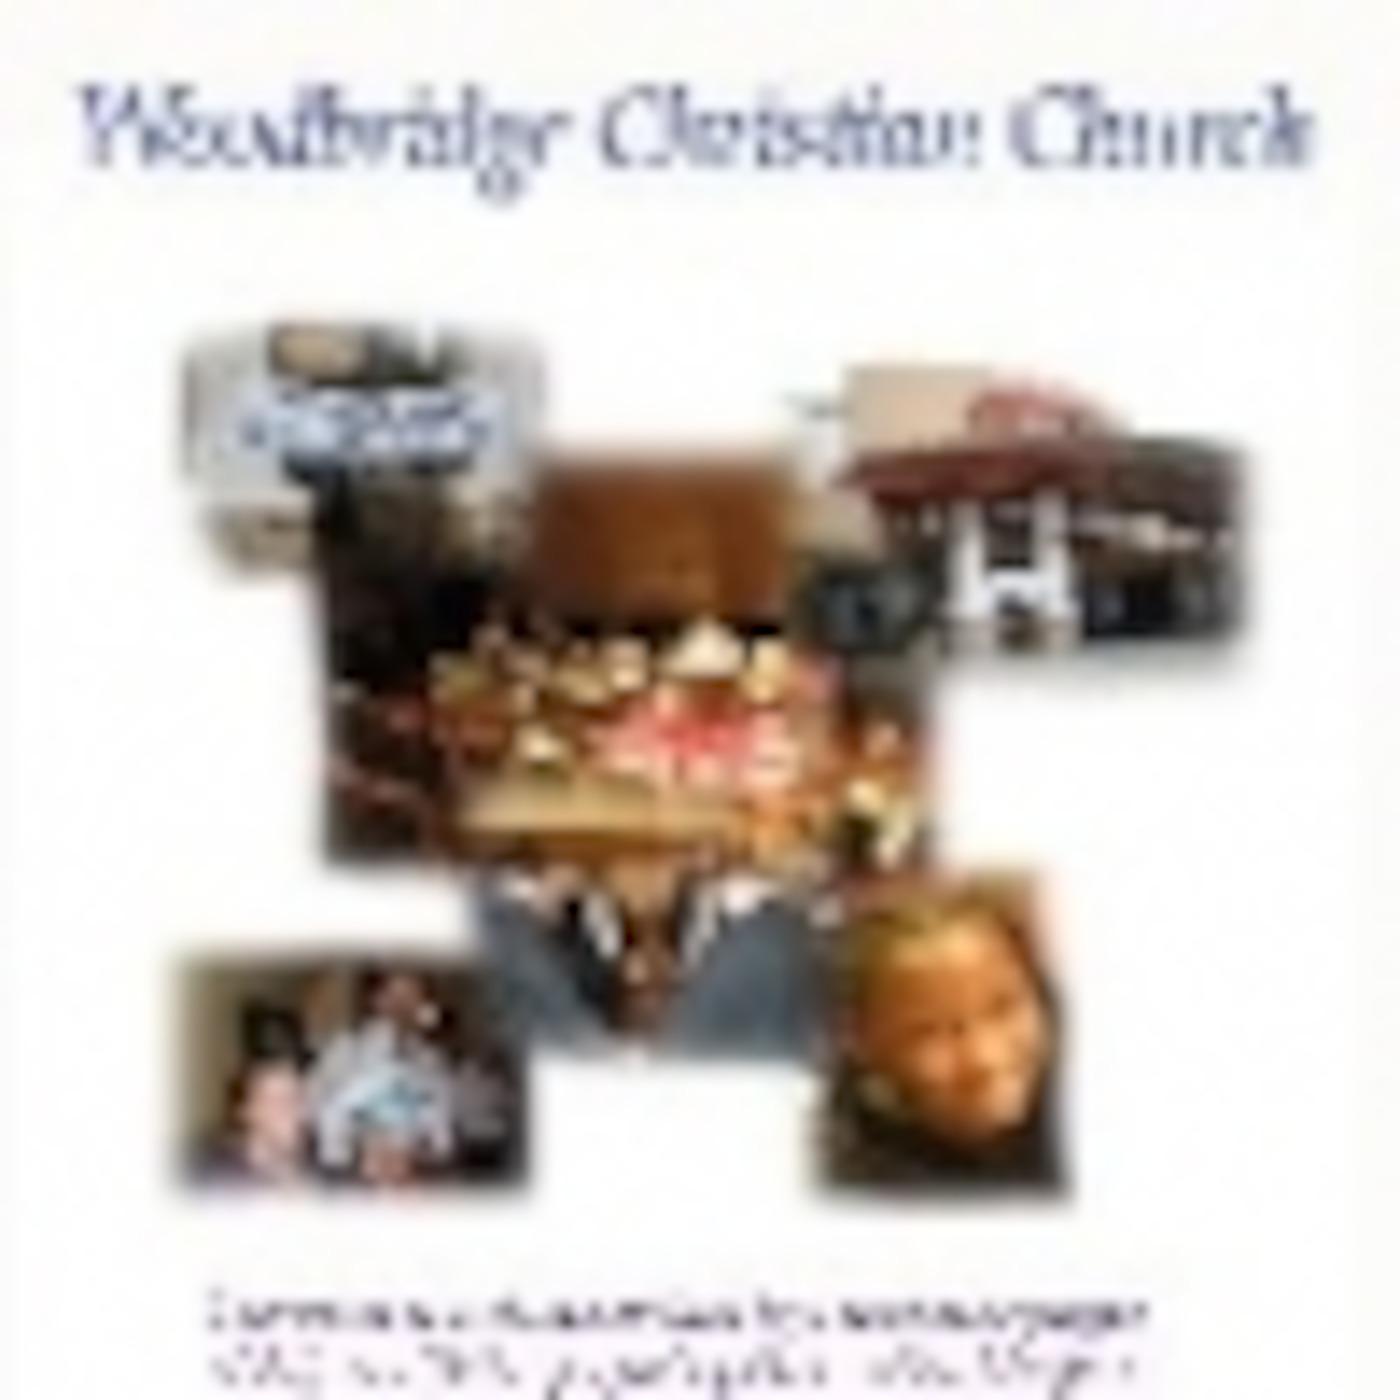 Woodbridge Christian Church's Podcast